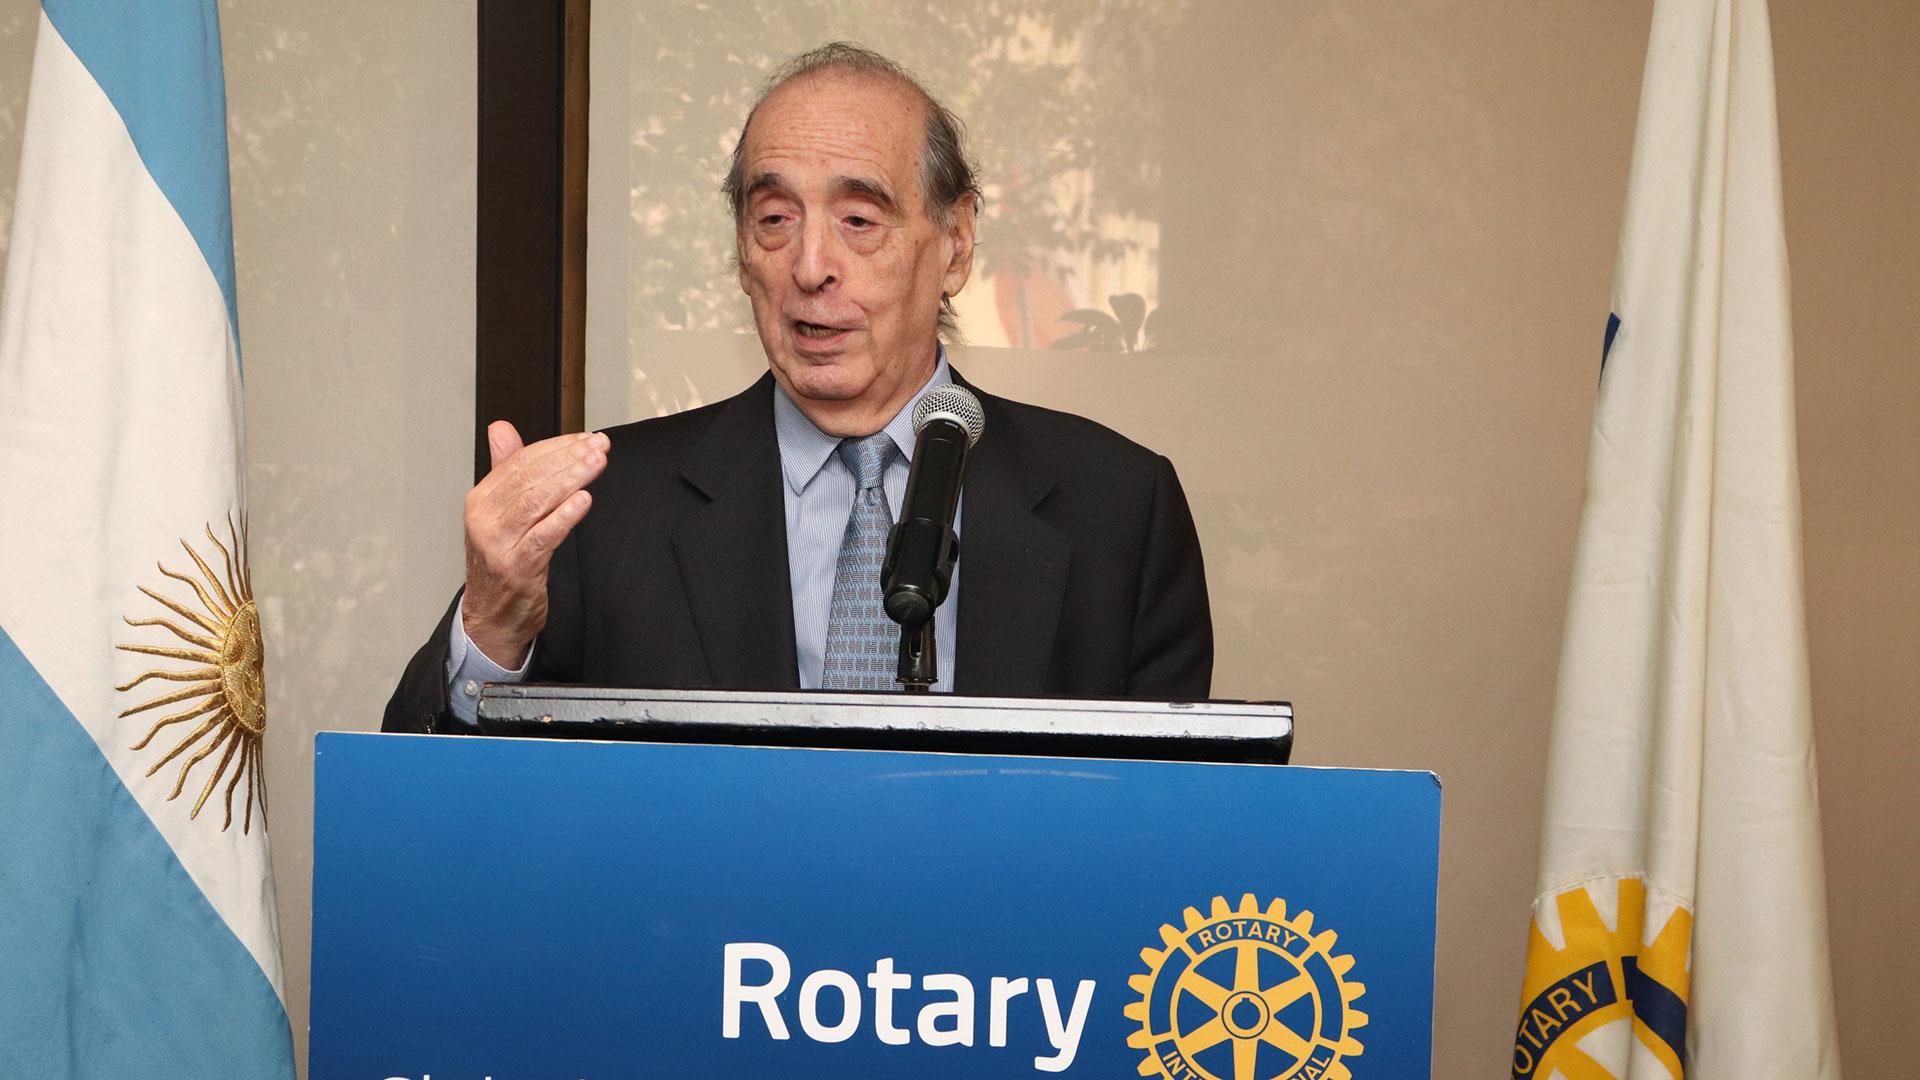 El economista Ricardo Arriazu durante el almuerzo en el Rotary